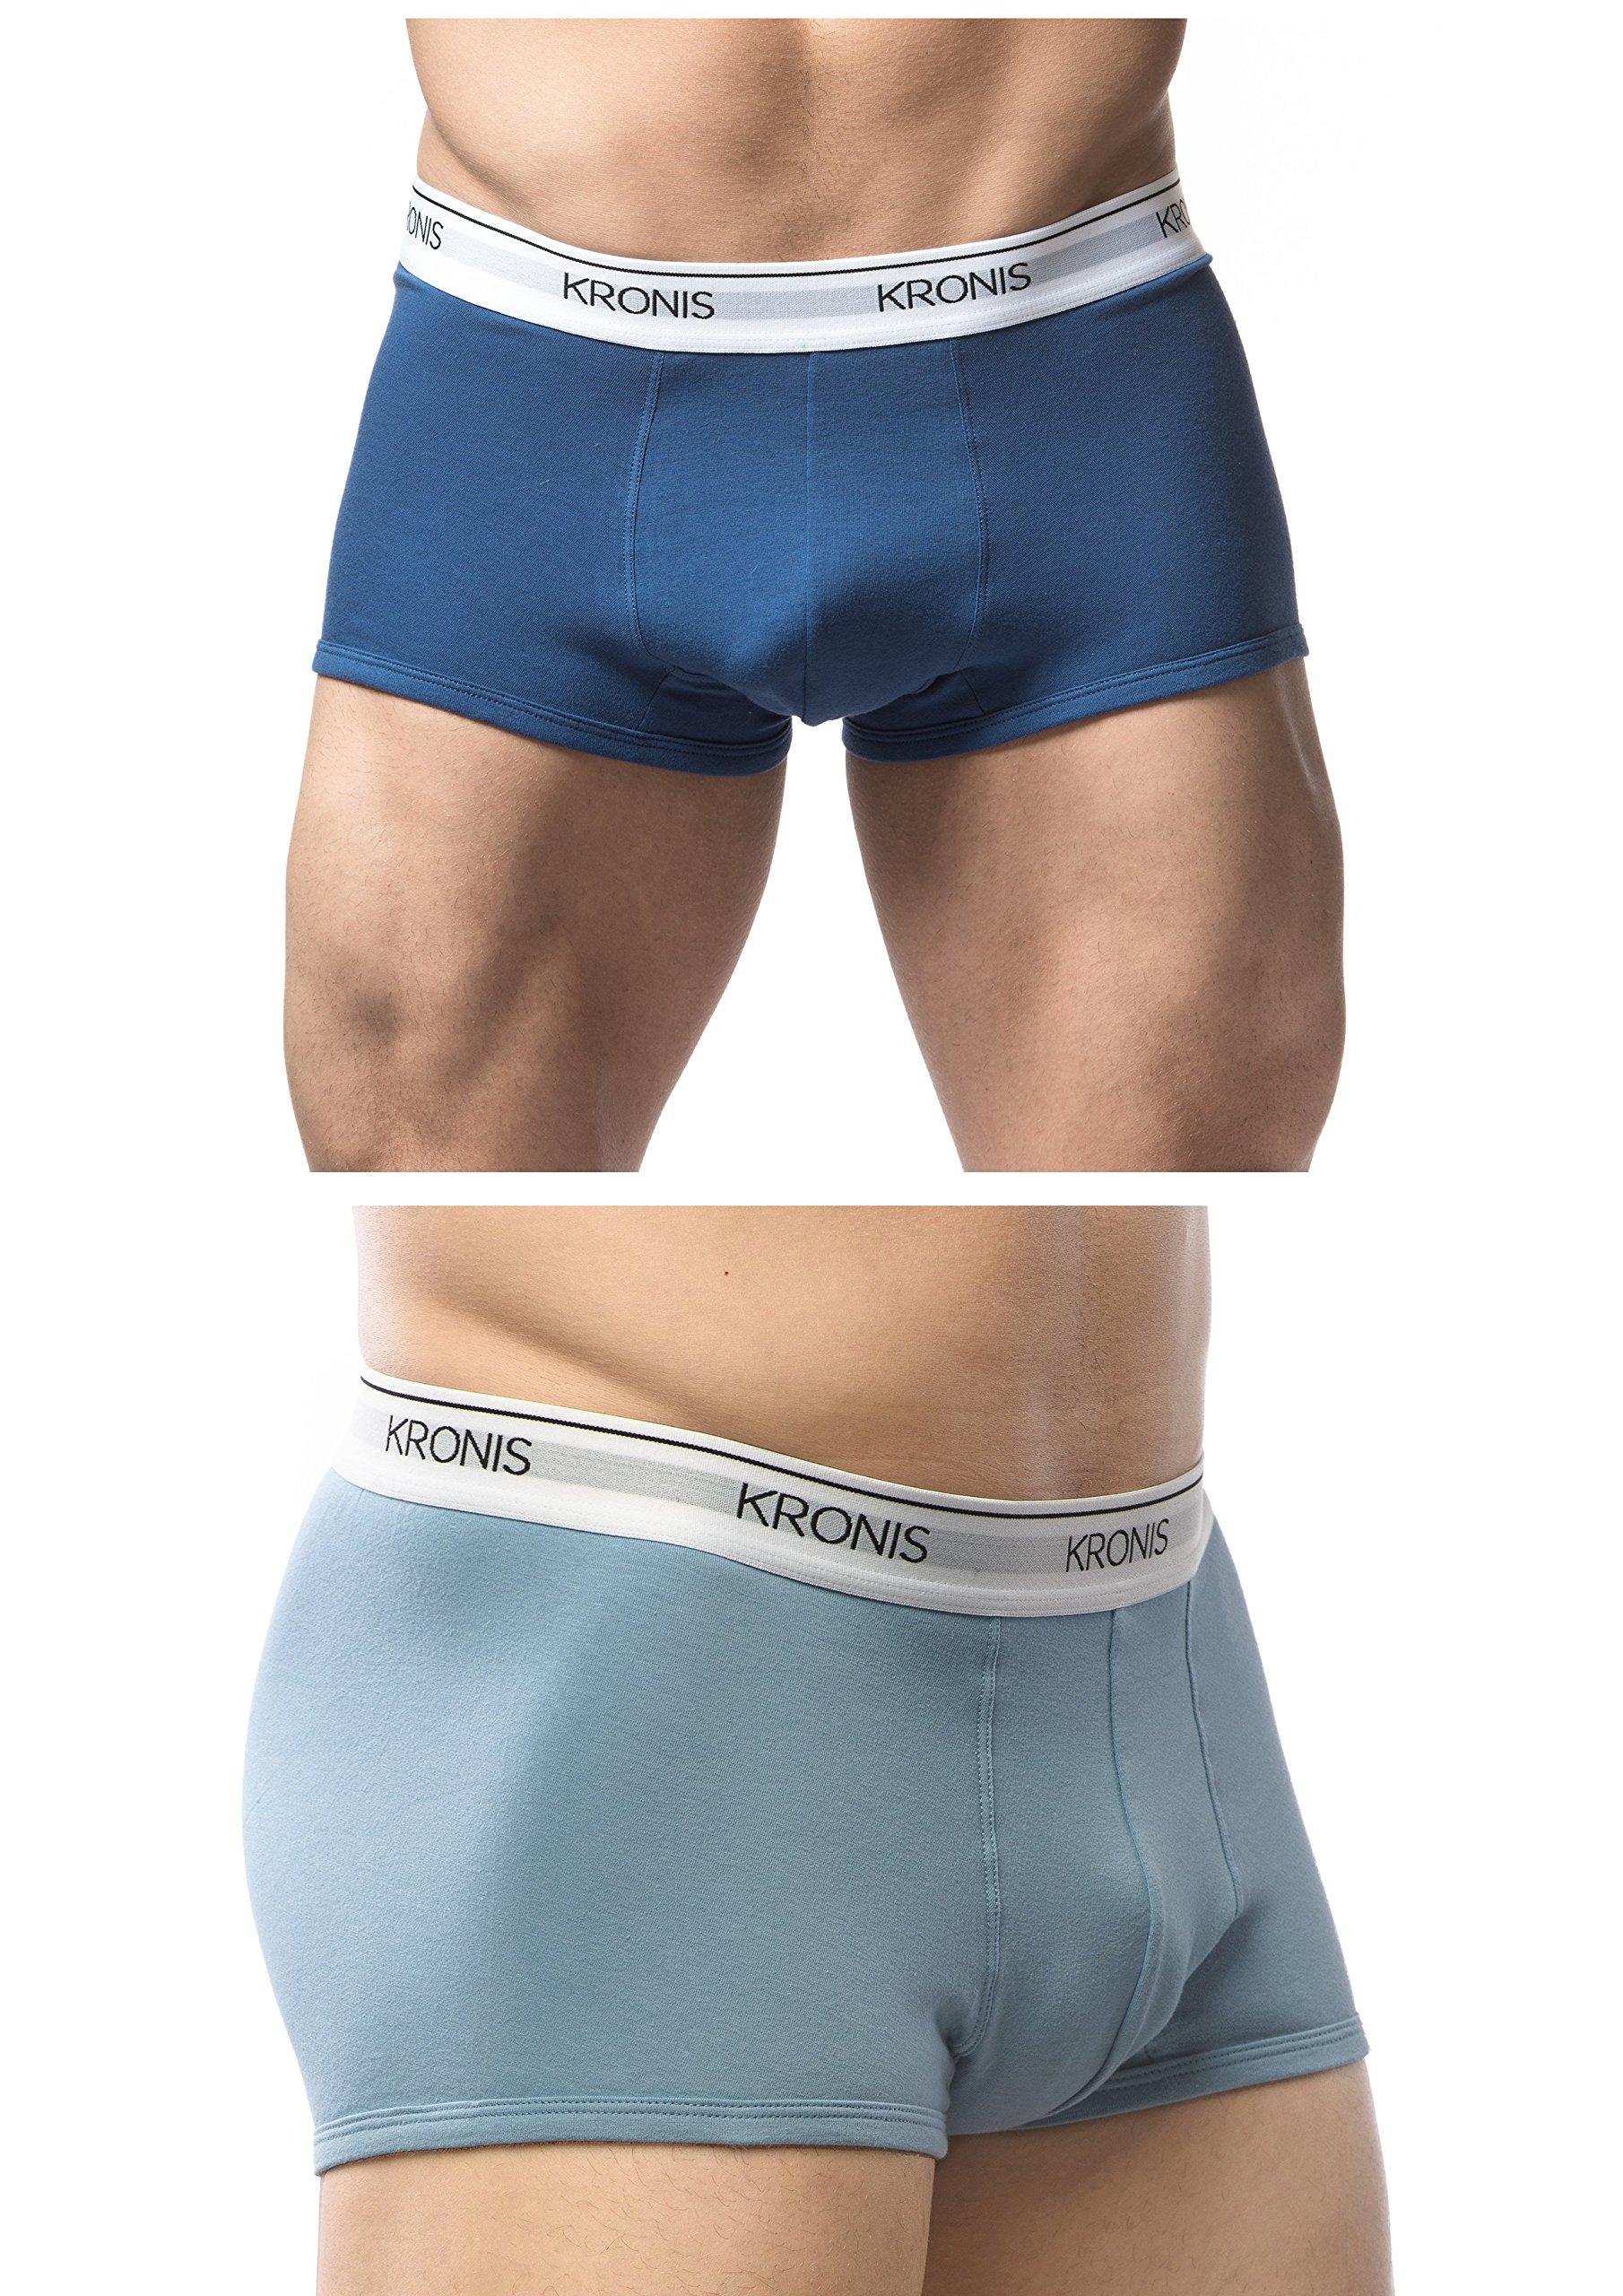 Italian Designed Trunks 2 Pack KRONIS Mens Underwear Premium 180gsm Cotton, Medium, Blue + Light Blue